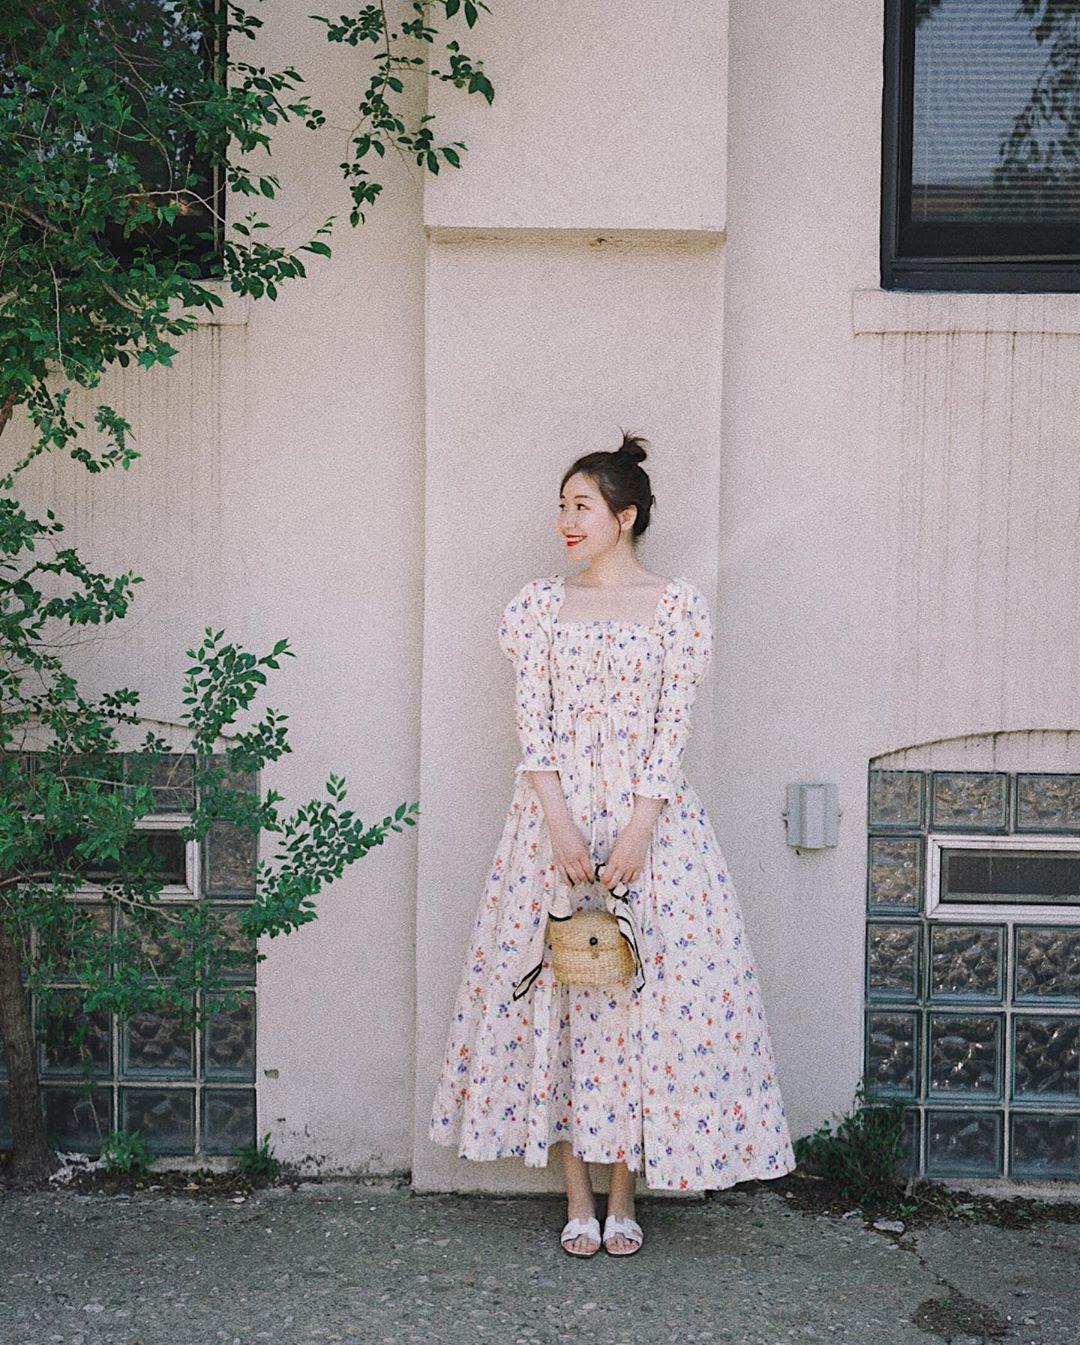 Bỗng thấy không kiểu váy nào vượt qua được váy dáng dài về độ sang chảnh, yêu kiều và hợp rơ với tiết trời se lạnh - Ảnh 6